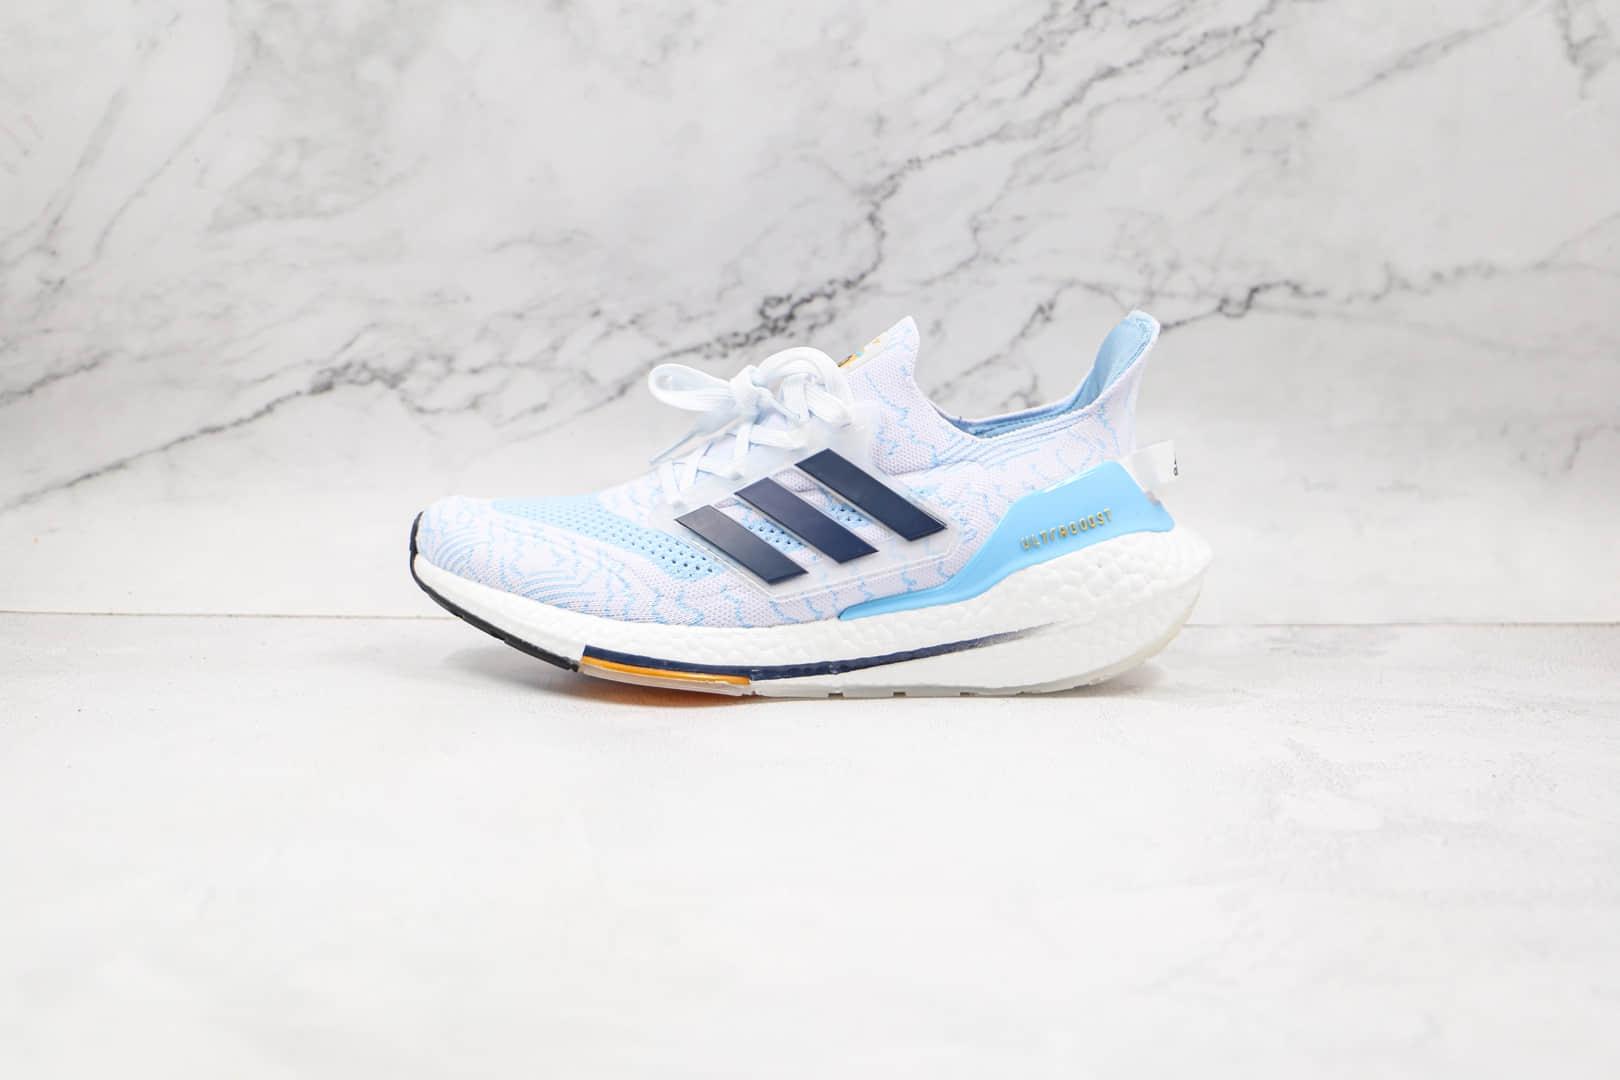 阿迪达斯Adidas ultra boost 2021纯原版本爆米花UB7.0白蓝色慢跑鞋原鞋开模 货号:CZ7120